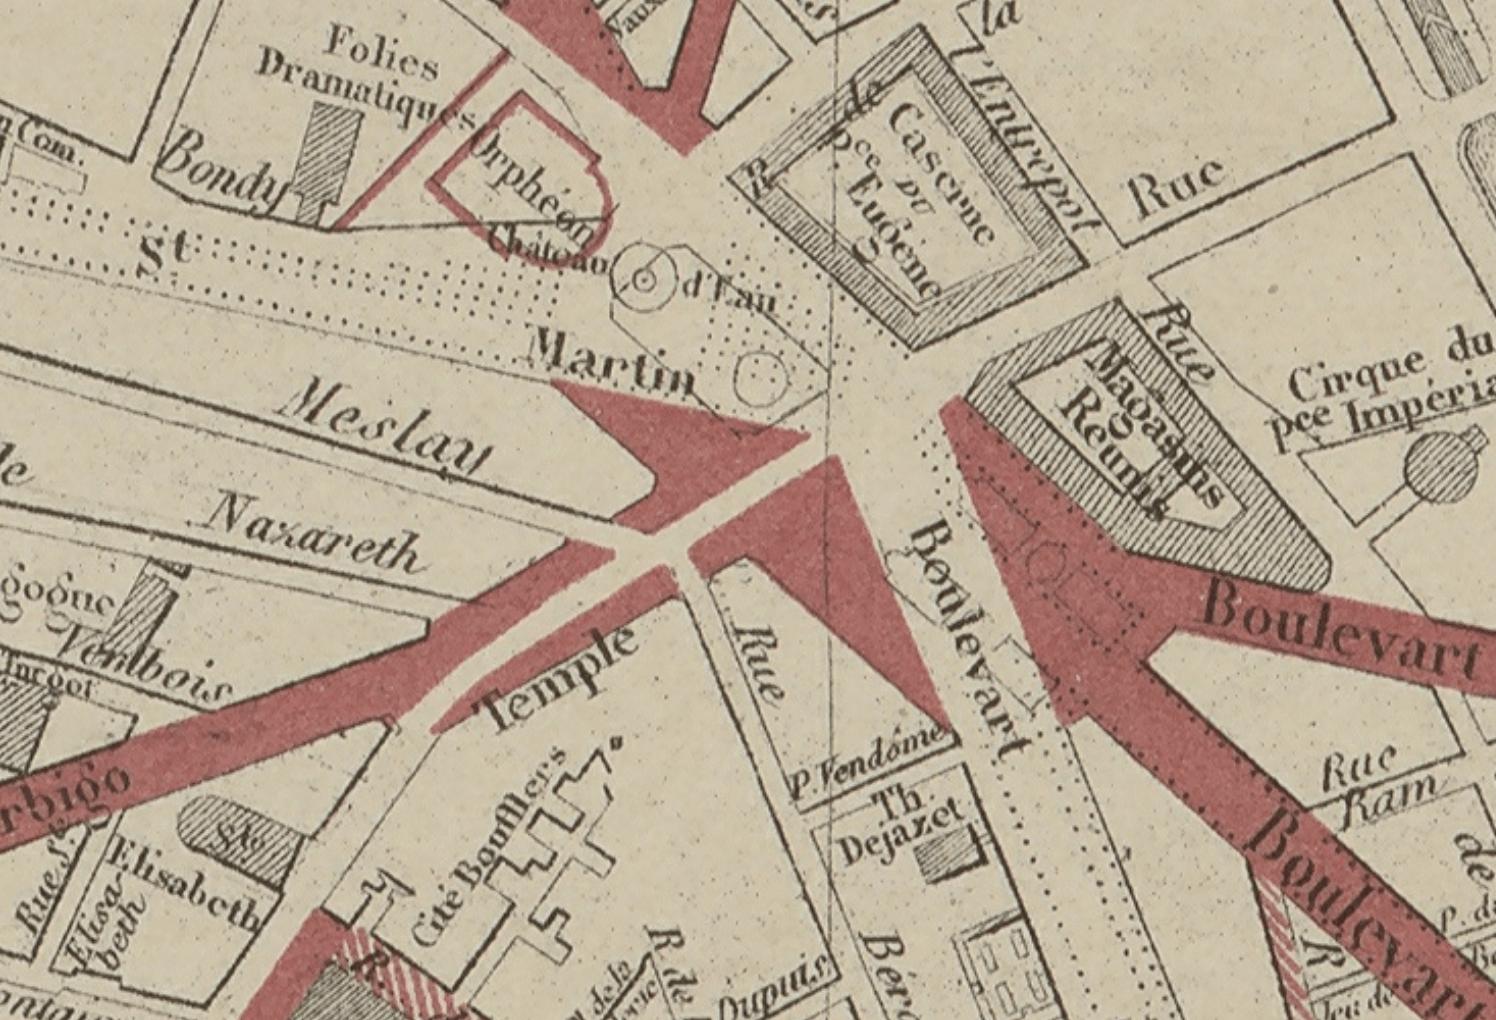 (Extrait) Plan d'ensemble des travaux de Paris indiquant les voies exécutées et projetées de 1851 à 1867. Publié par E. Andriveau-Goujon